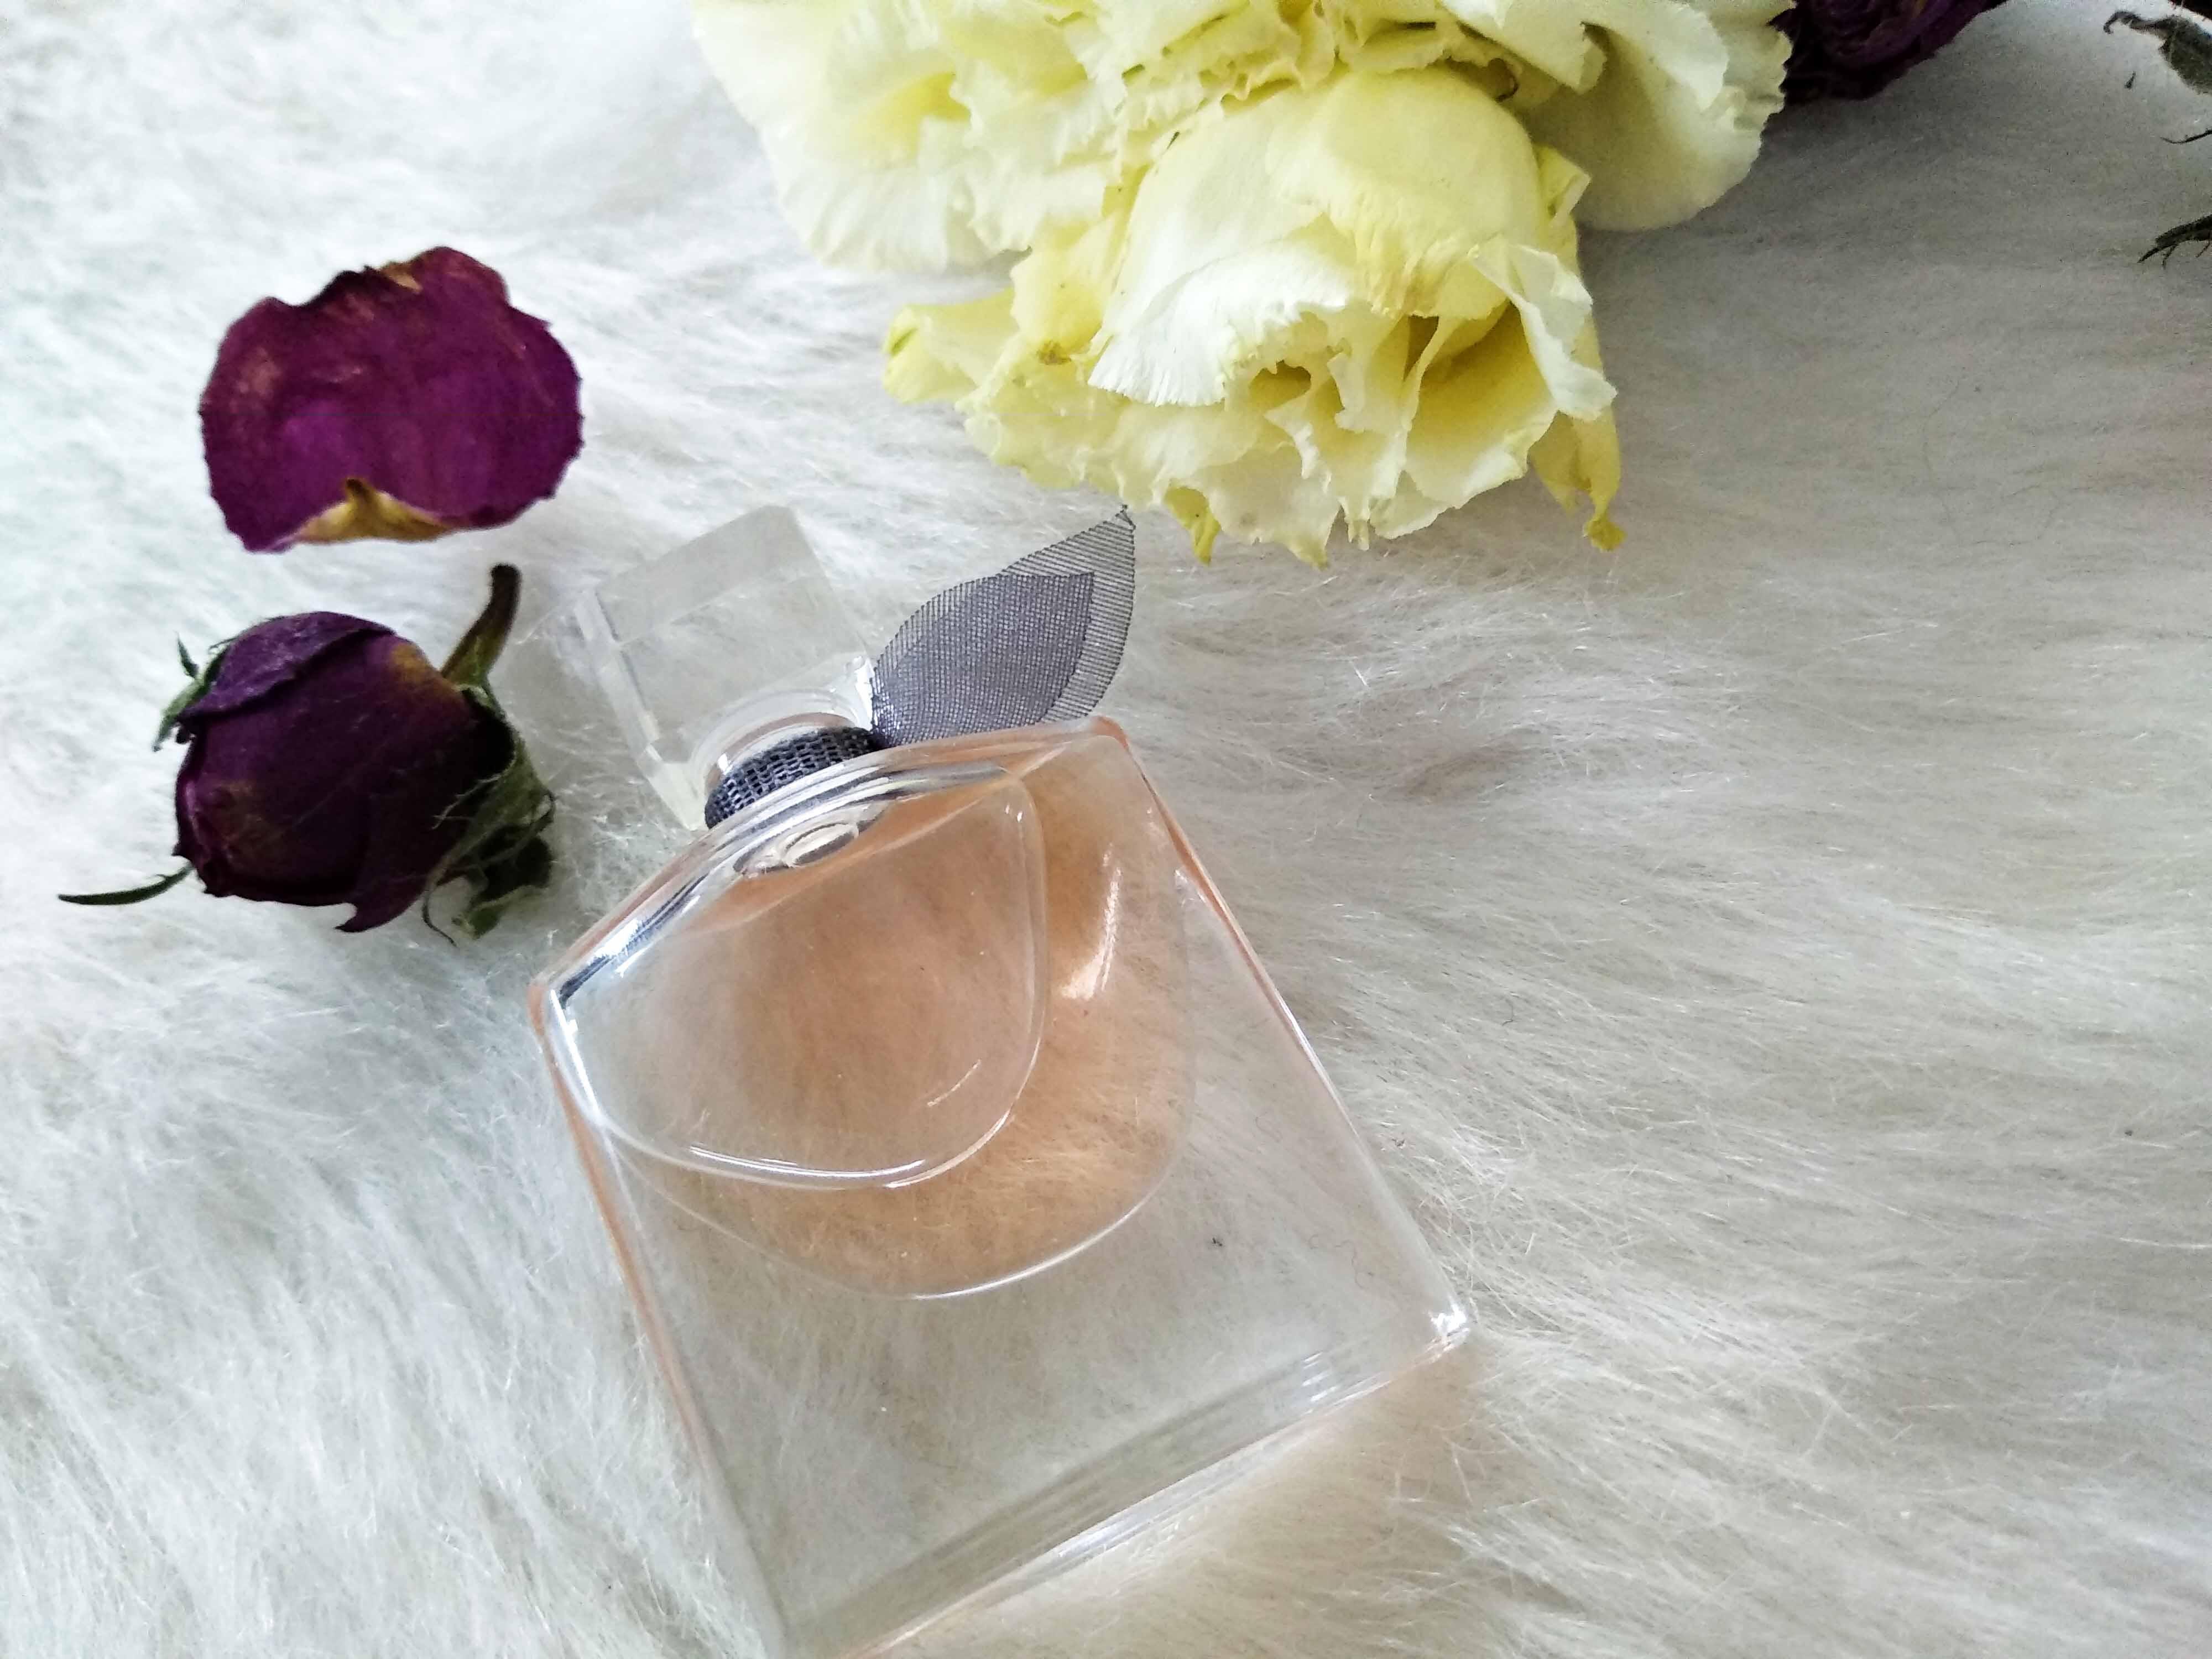 Dámská parfémovaná voda La Vie Est Belle od Lancôme